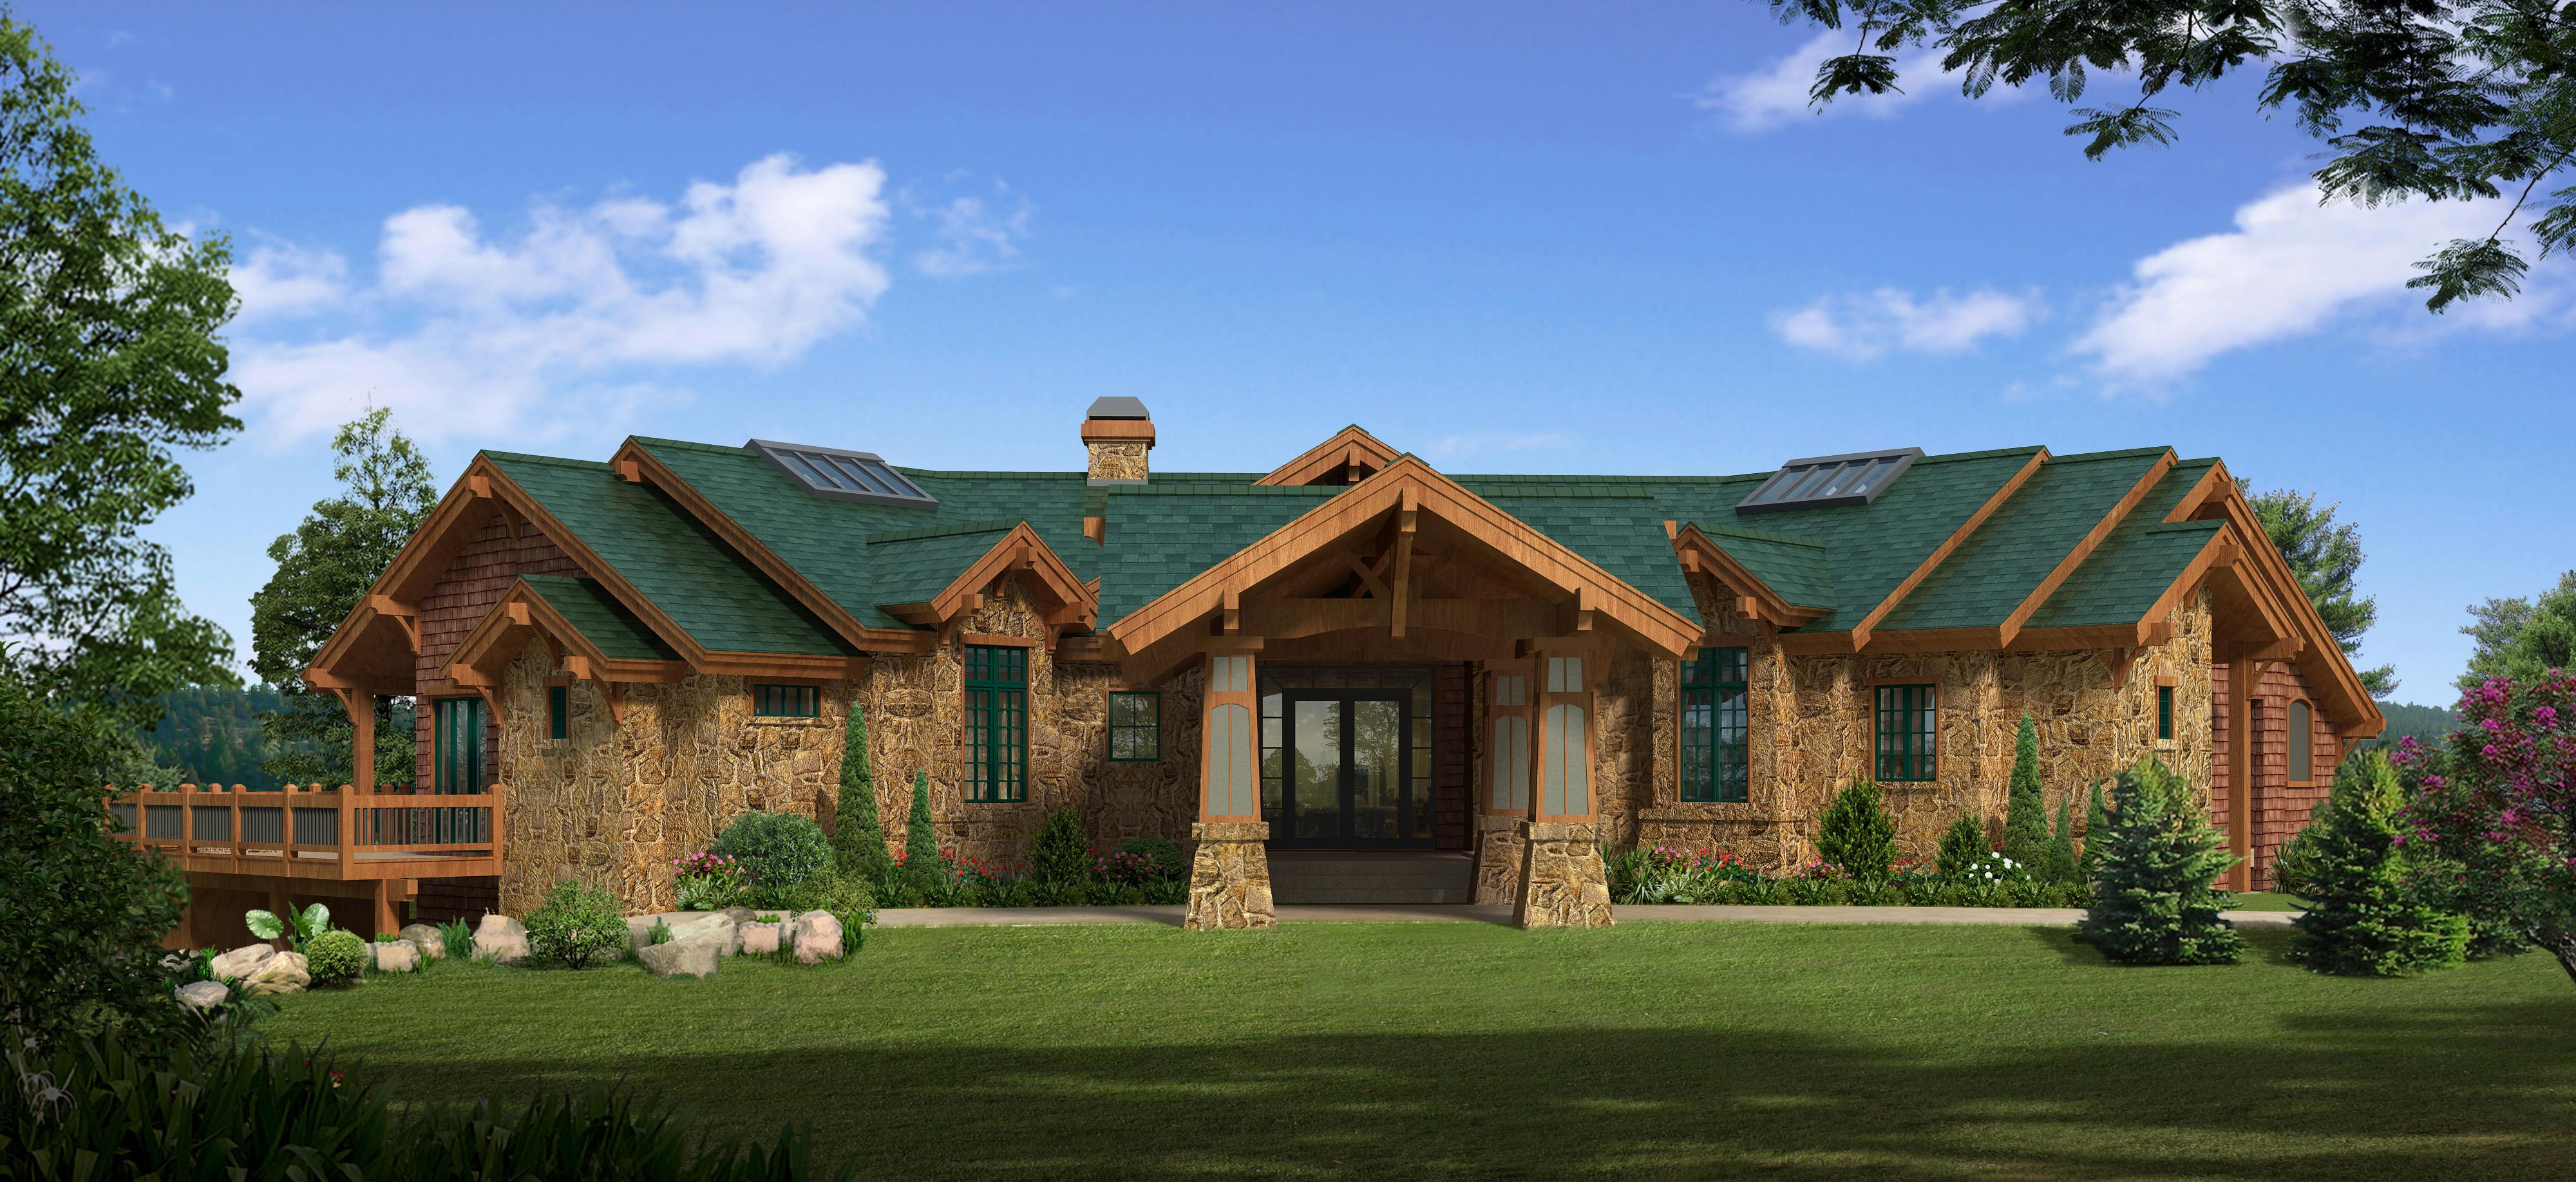 Daylight Basement Style Home